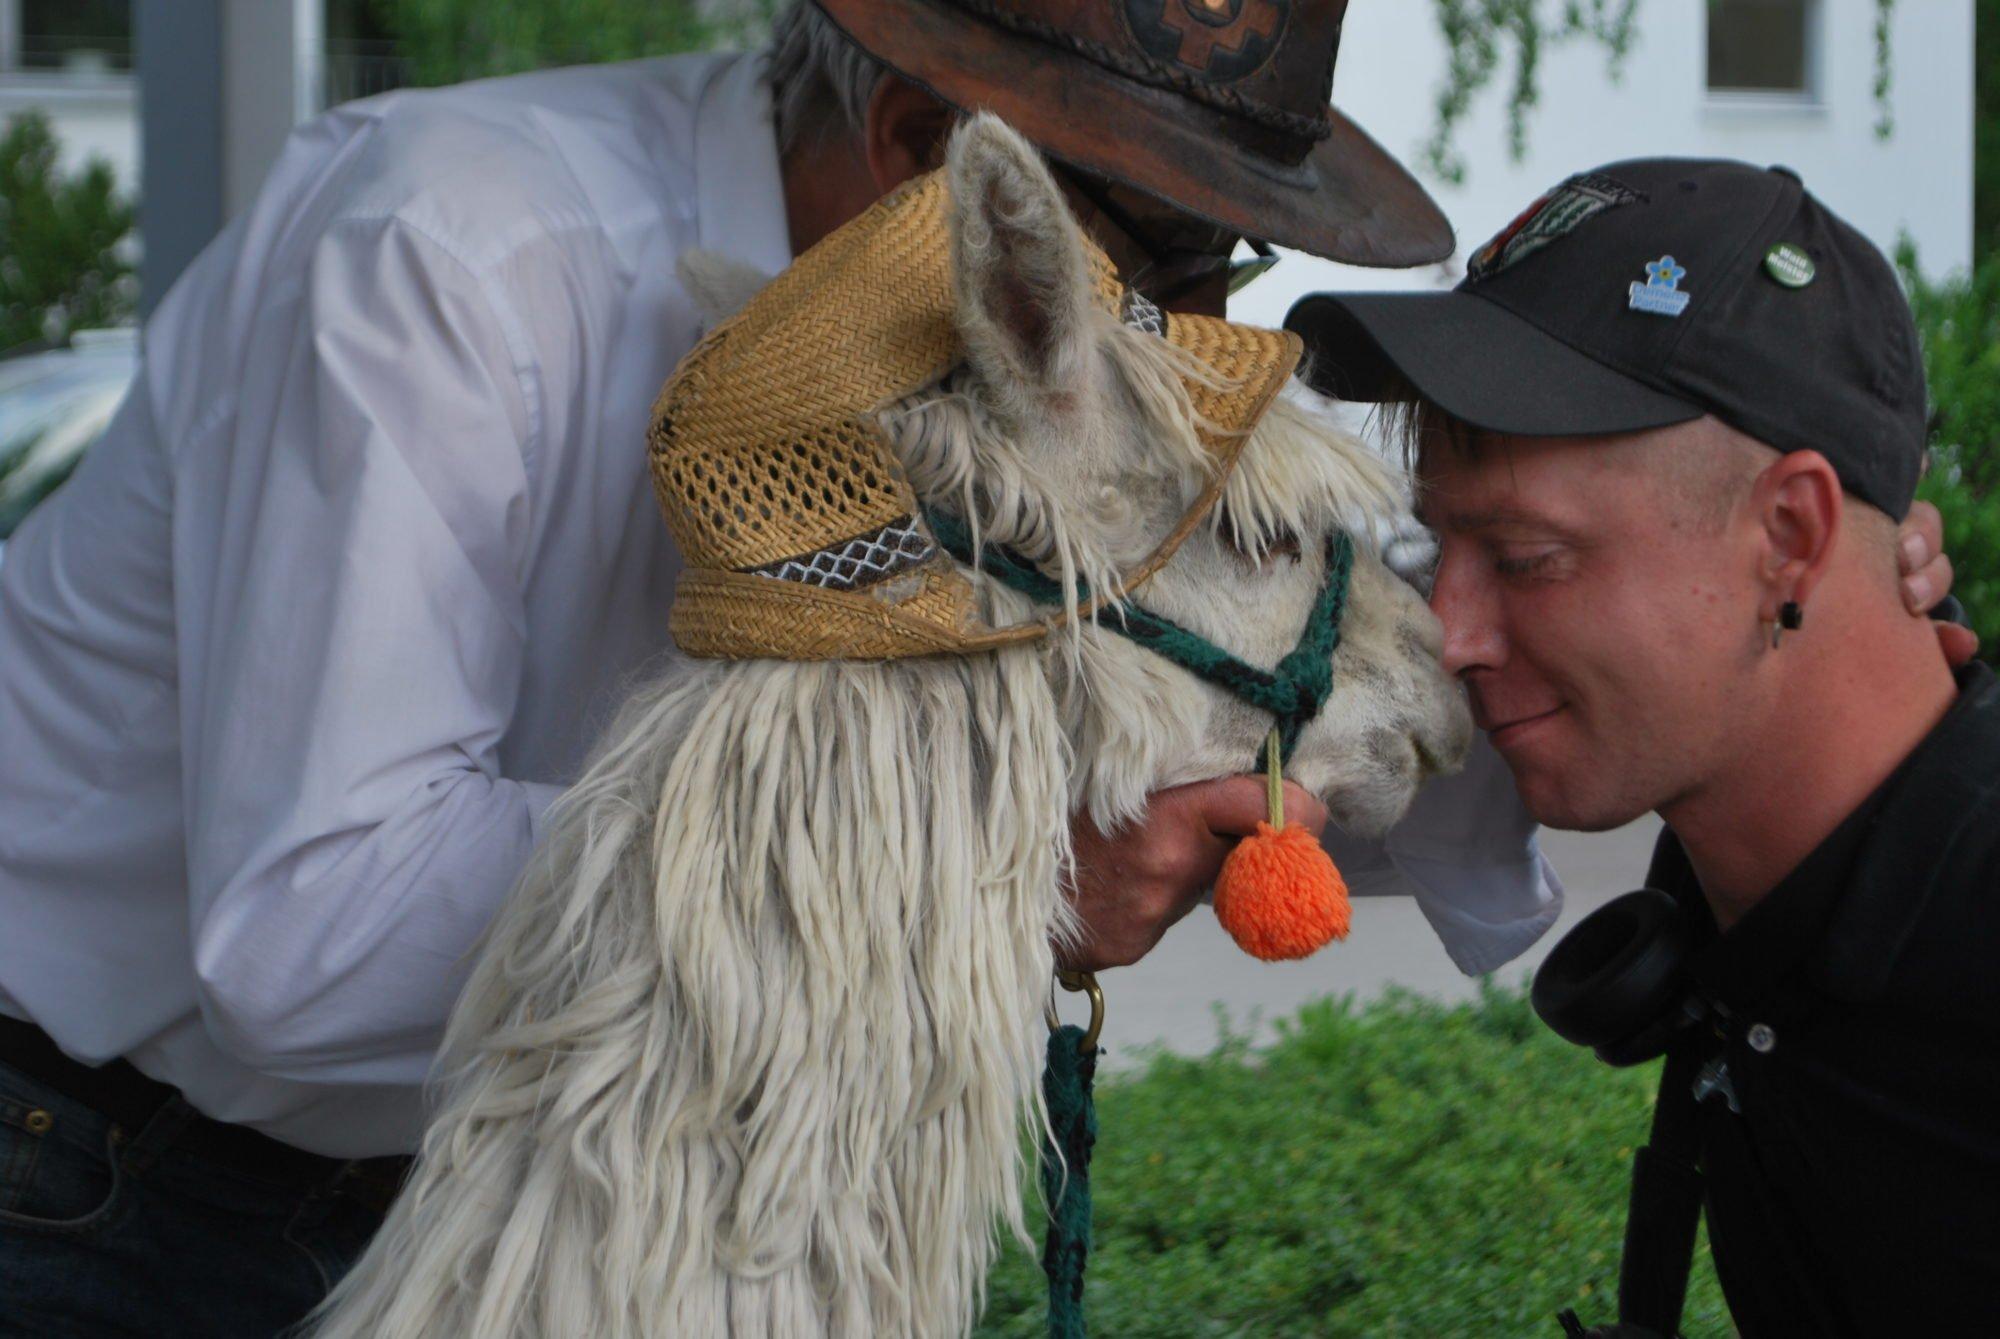 Ein Rehabilitand des P.A.N. Zentrums genießt die Nähe des zahmen Alpakas und berührt es mit dem Kopf - Nase an Nase.